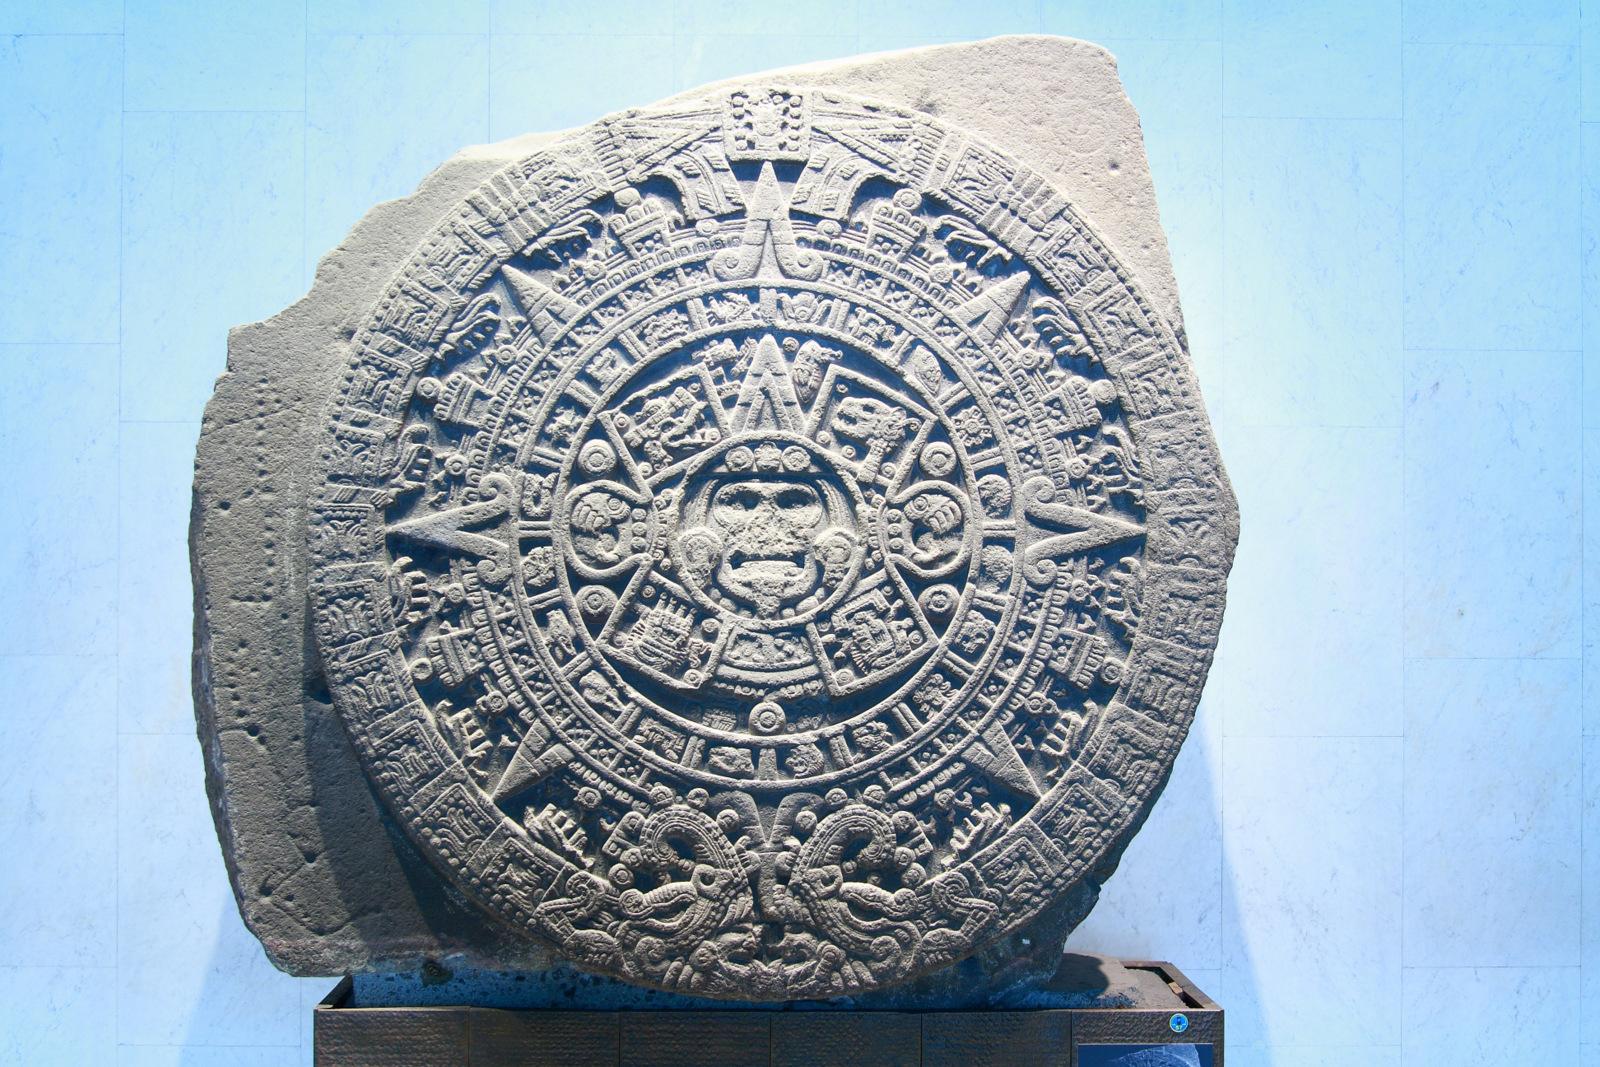 la piedra del sol Así pasó dormida dos siglos la piedra del sol, hasta que en diciembre 1790, cuando se realizaban trabajos de remozamiento de la ciudad, .